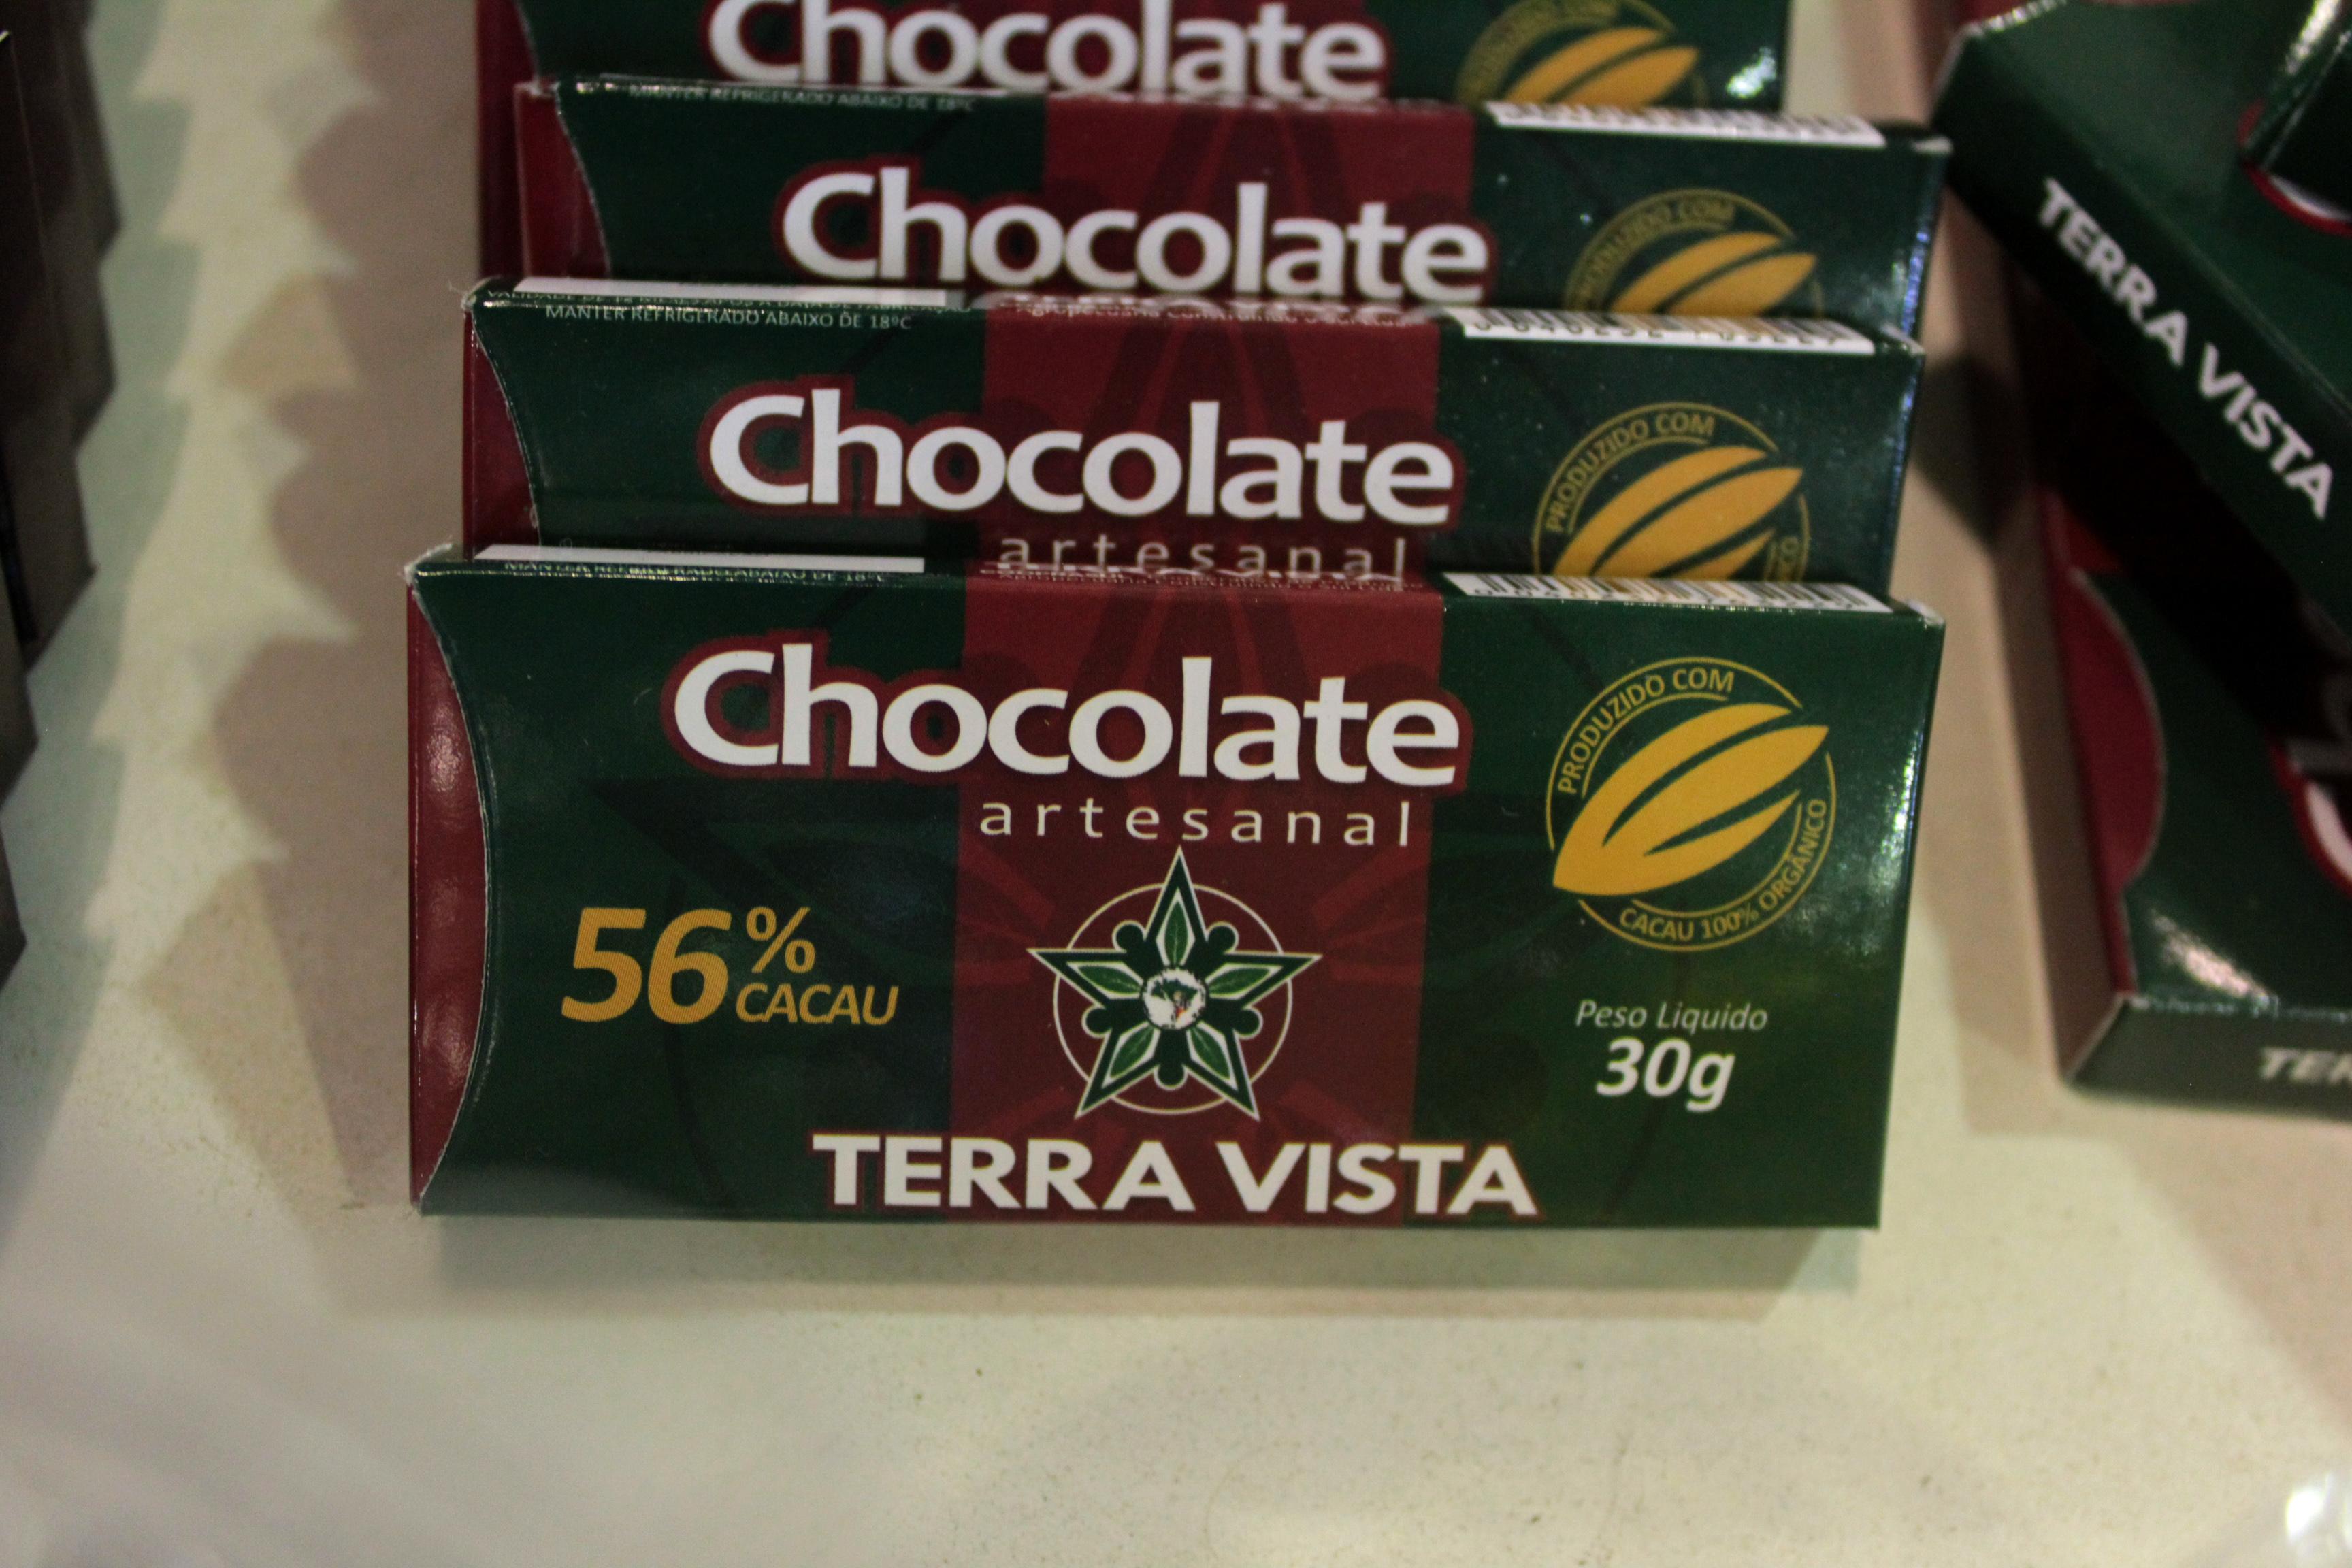 Chocolate Terra Vista produzido em Ilhéus. Foto: Gabrielle Ferreira / Repórter Gourmet.